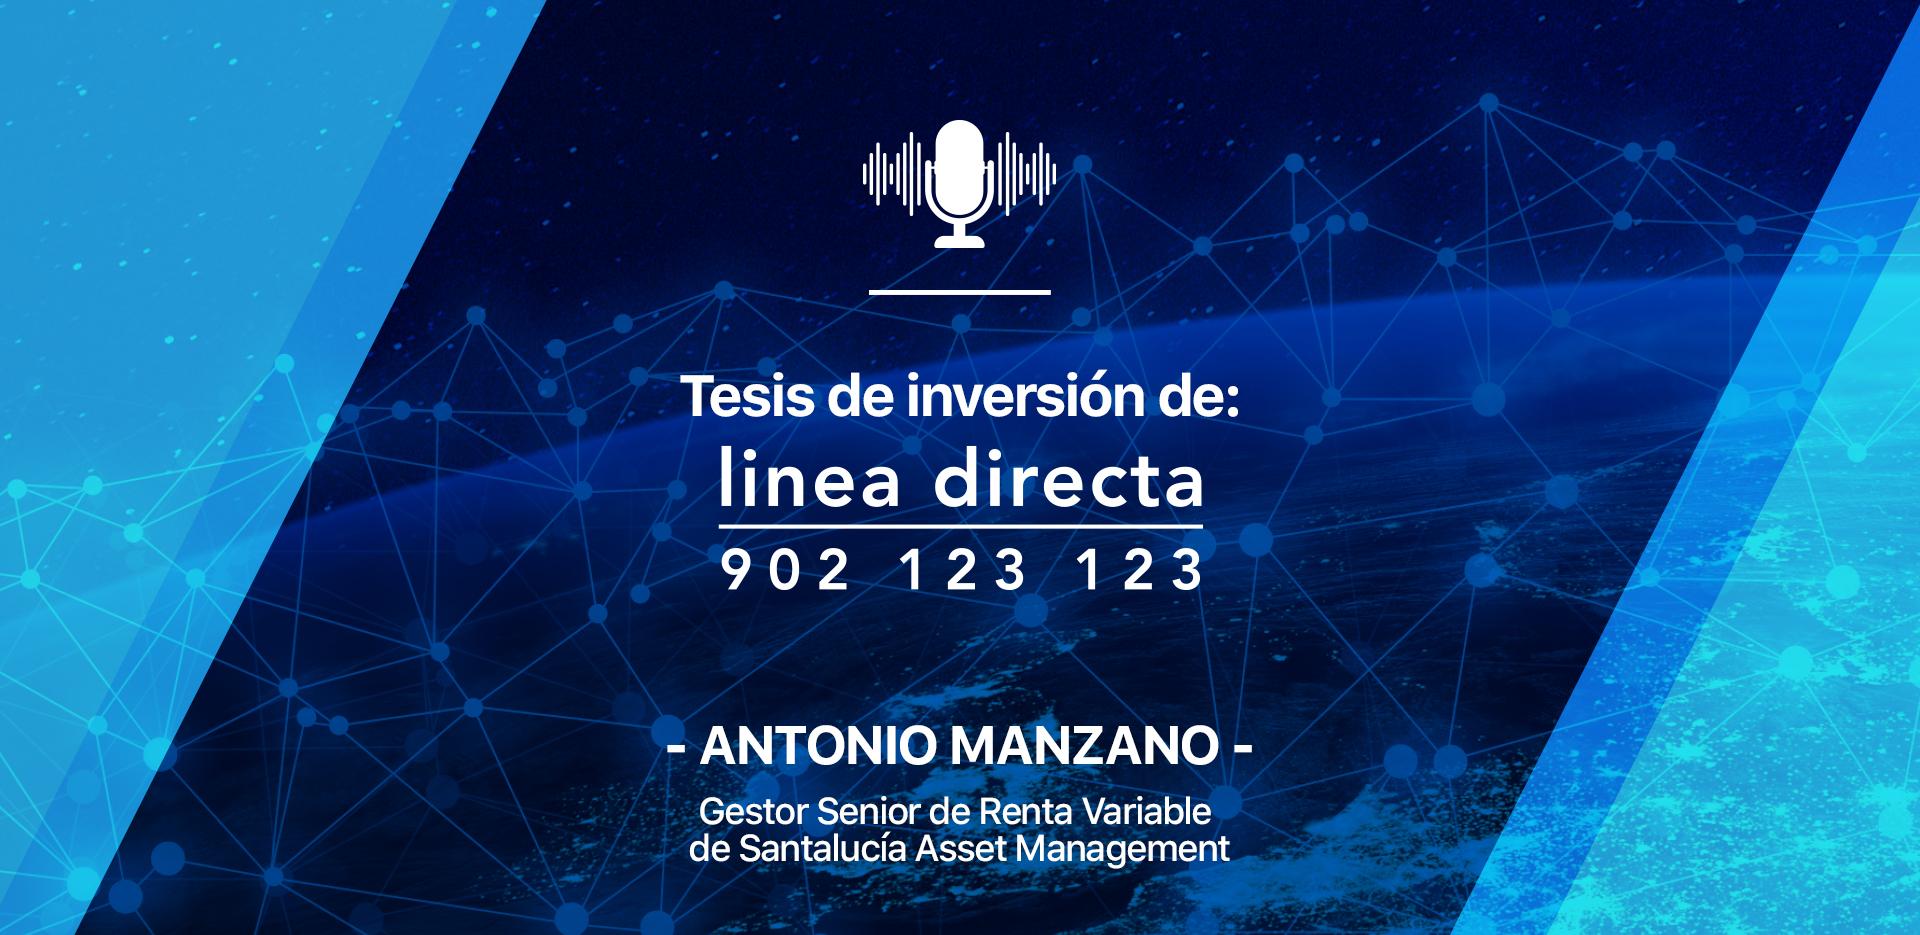 Línea Directa, una compañía de alta rentabilidad y rápido crecimiento